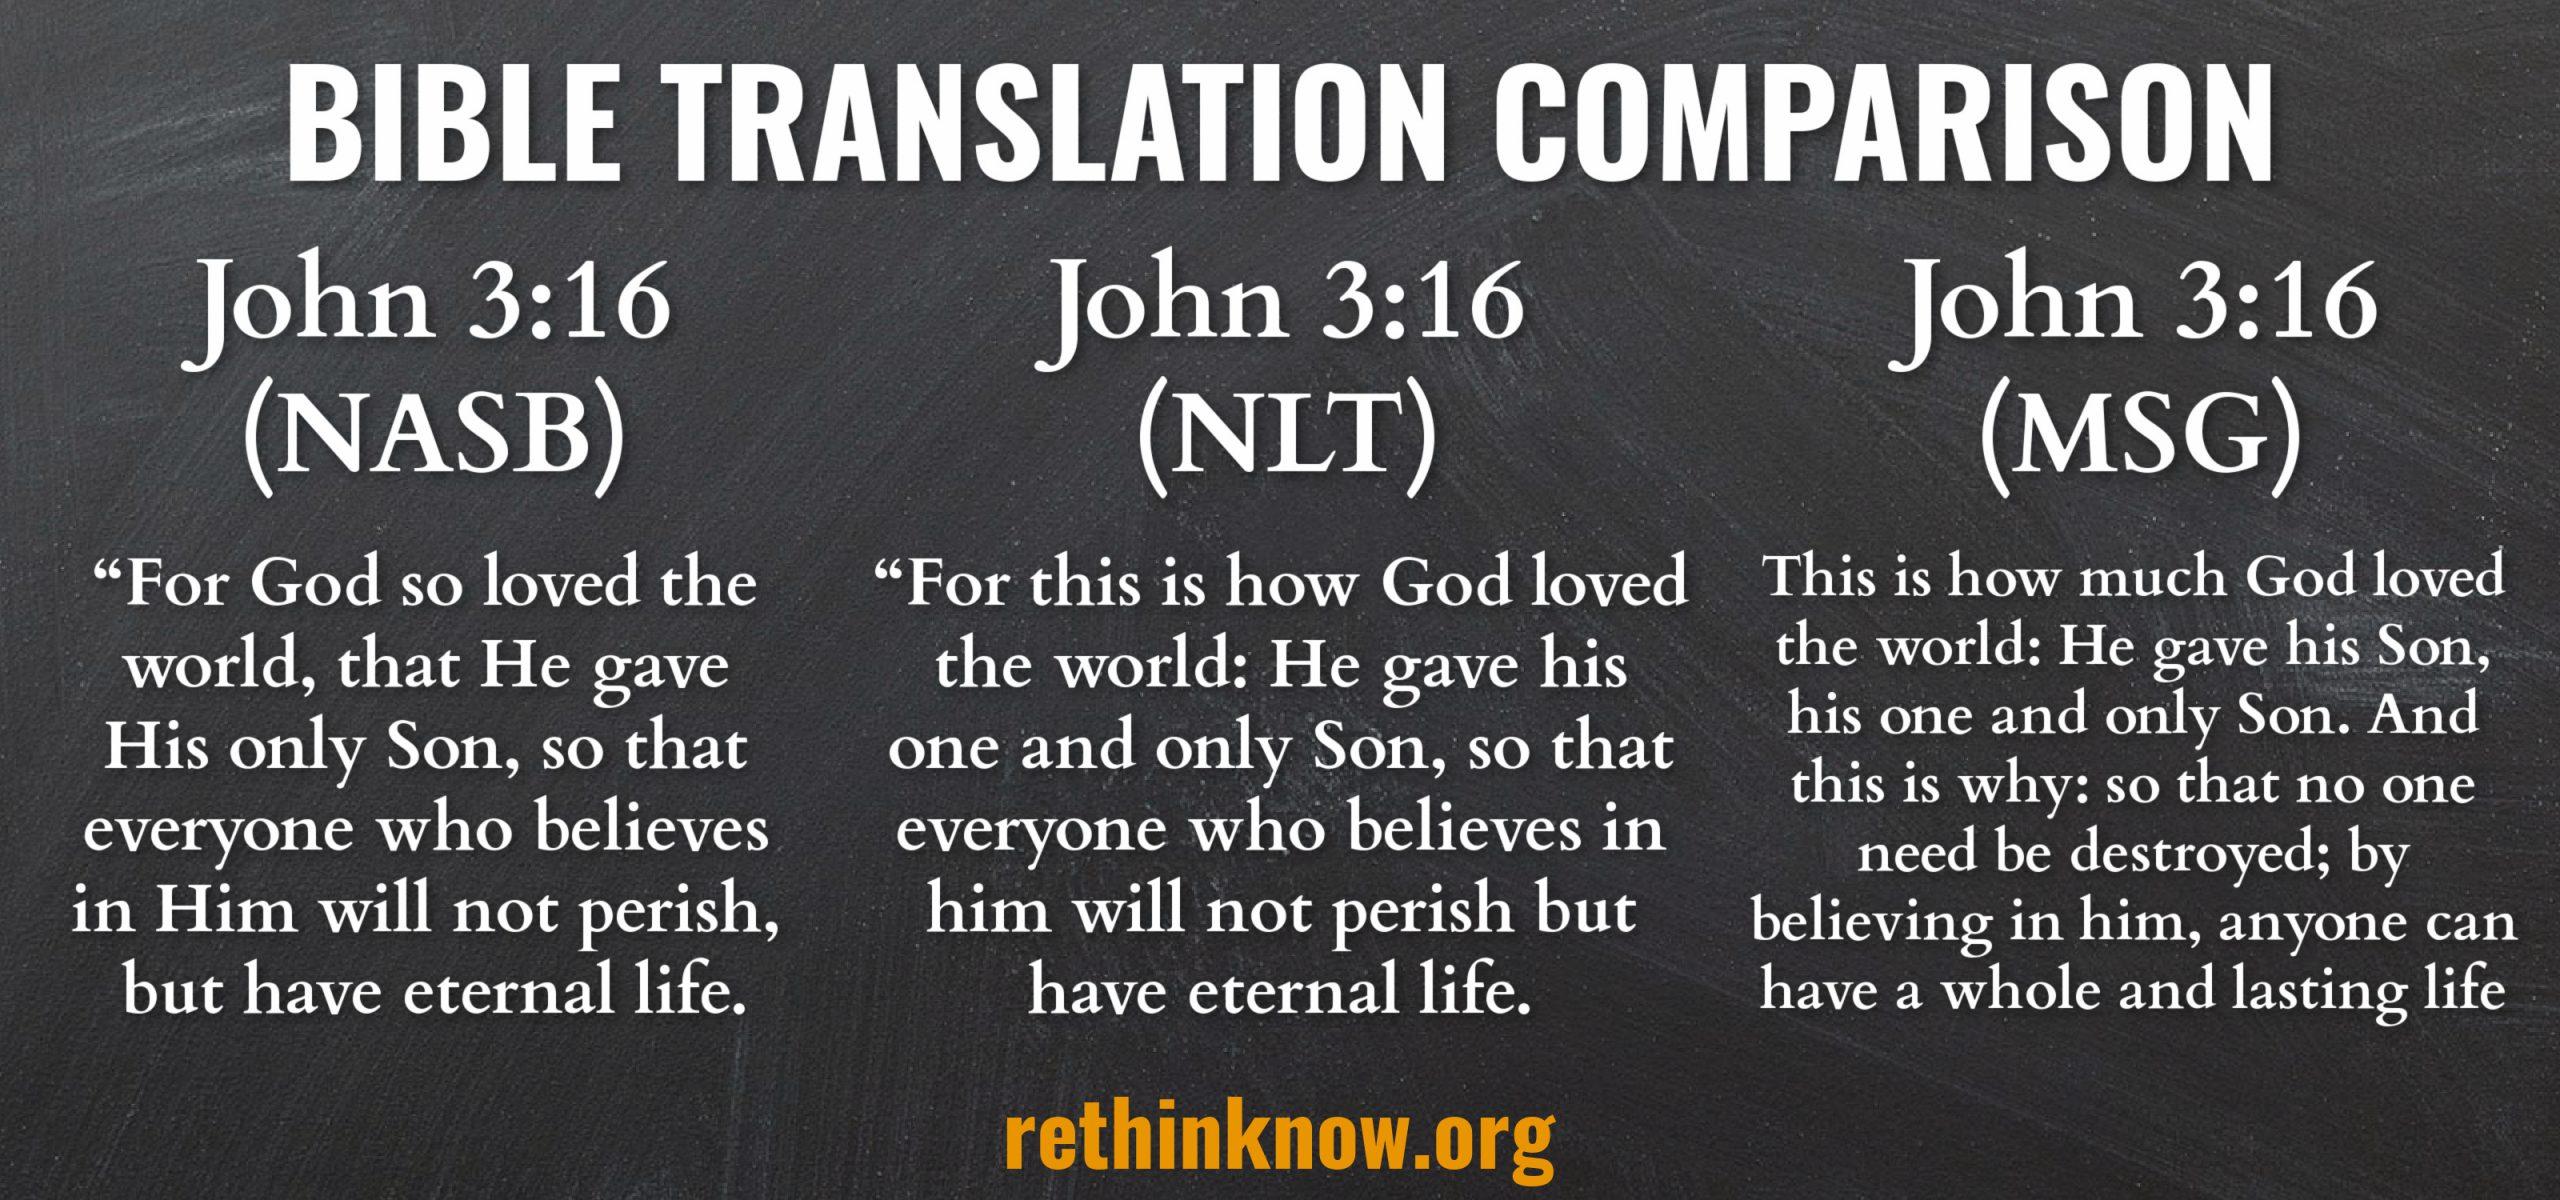 Best Bible Version Comparison